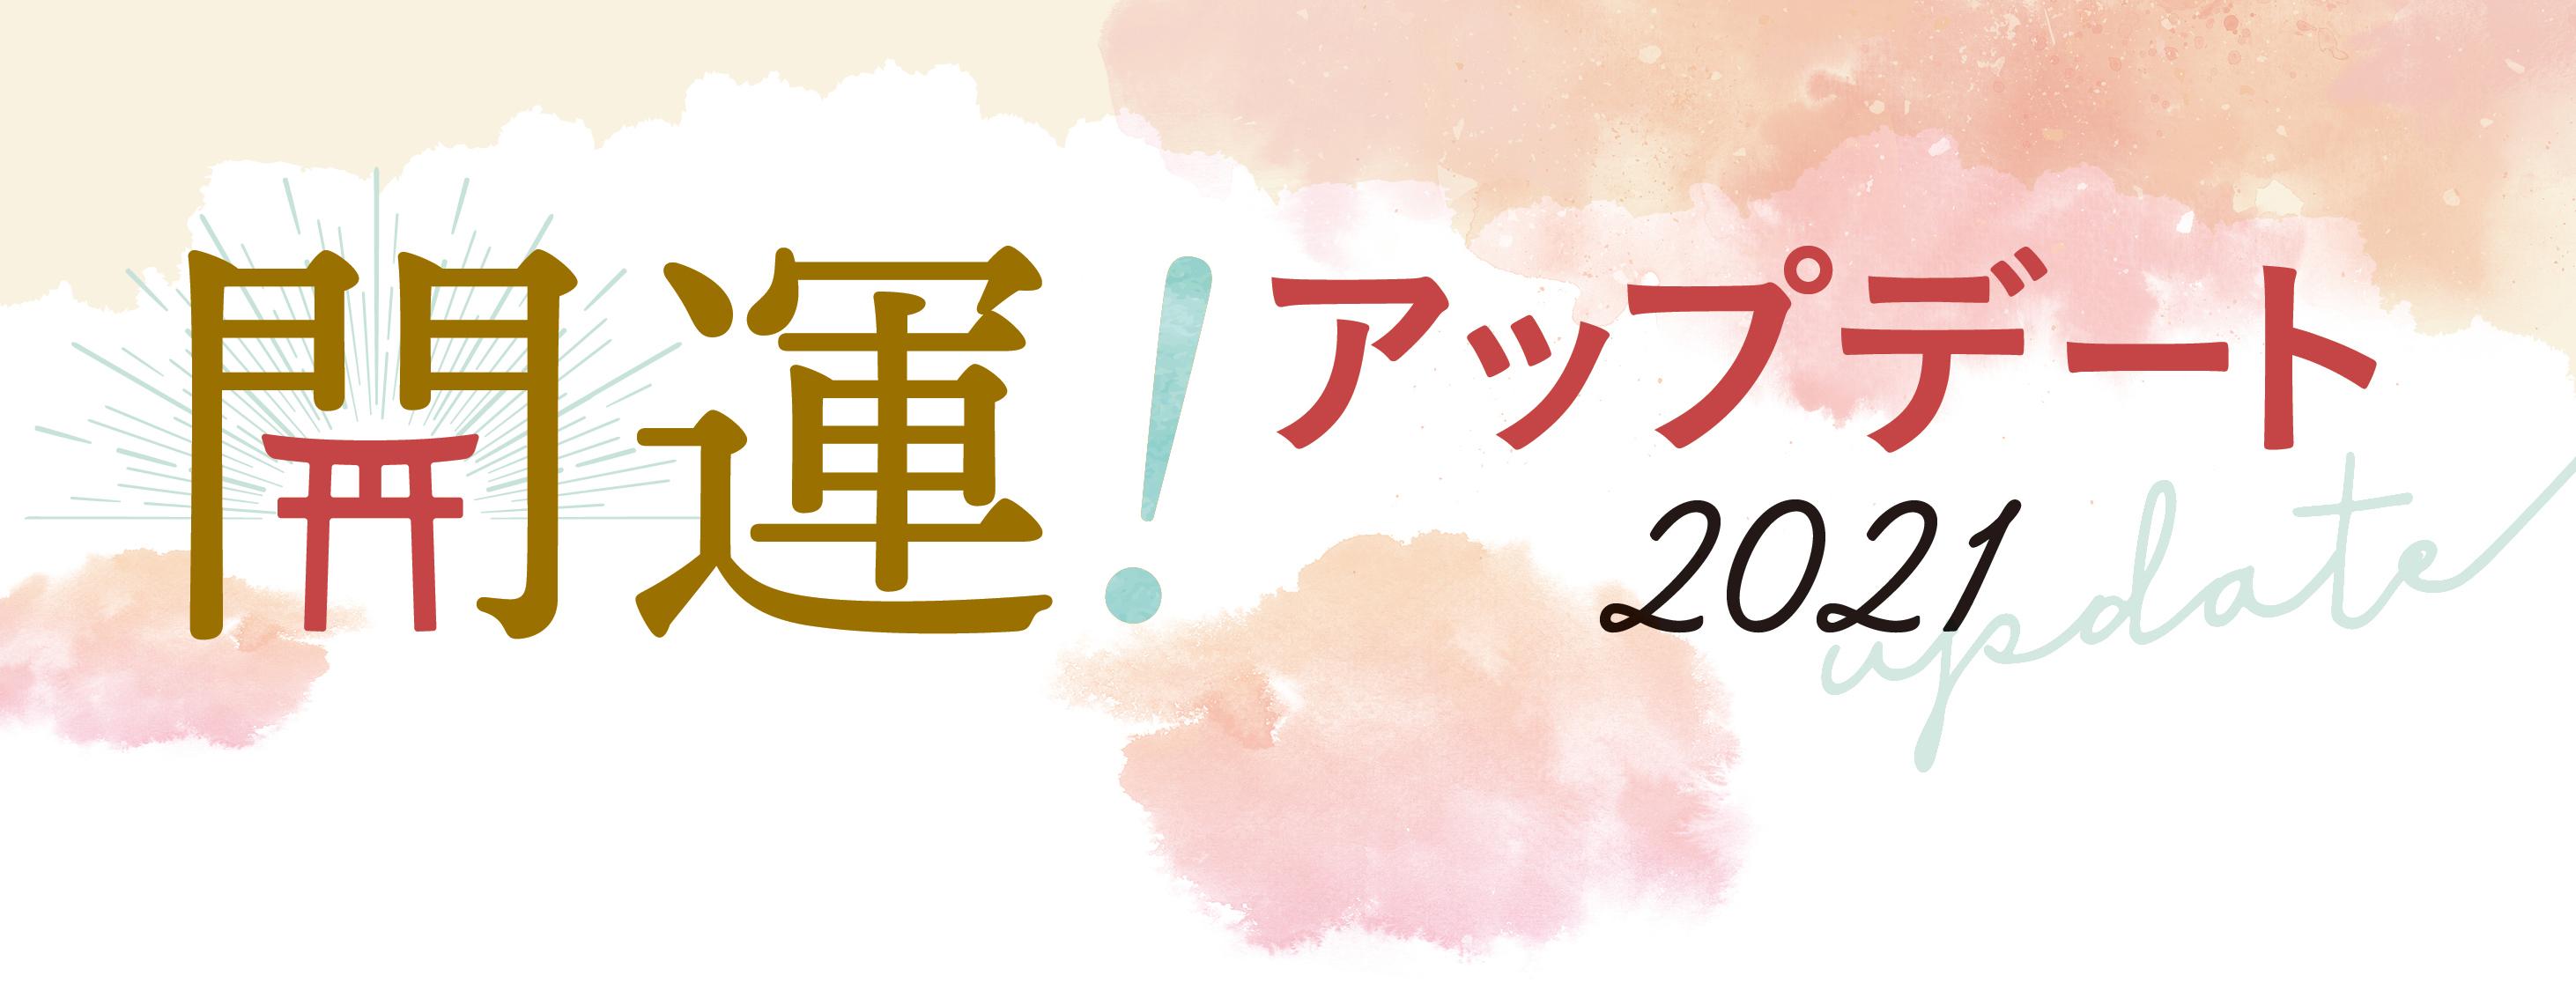 開運アップデート!2021年の総合運&仕事運